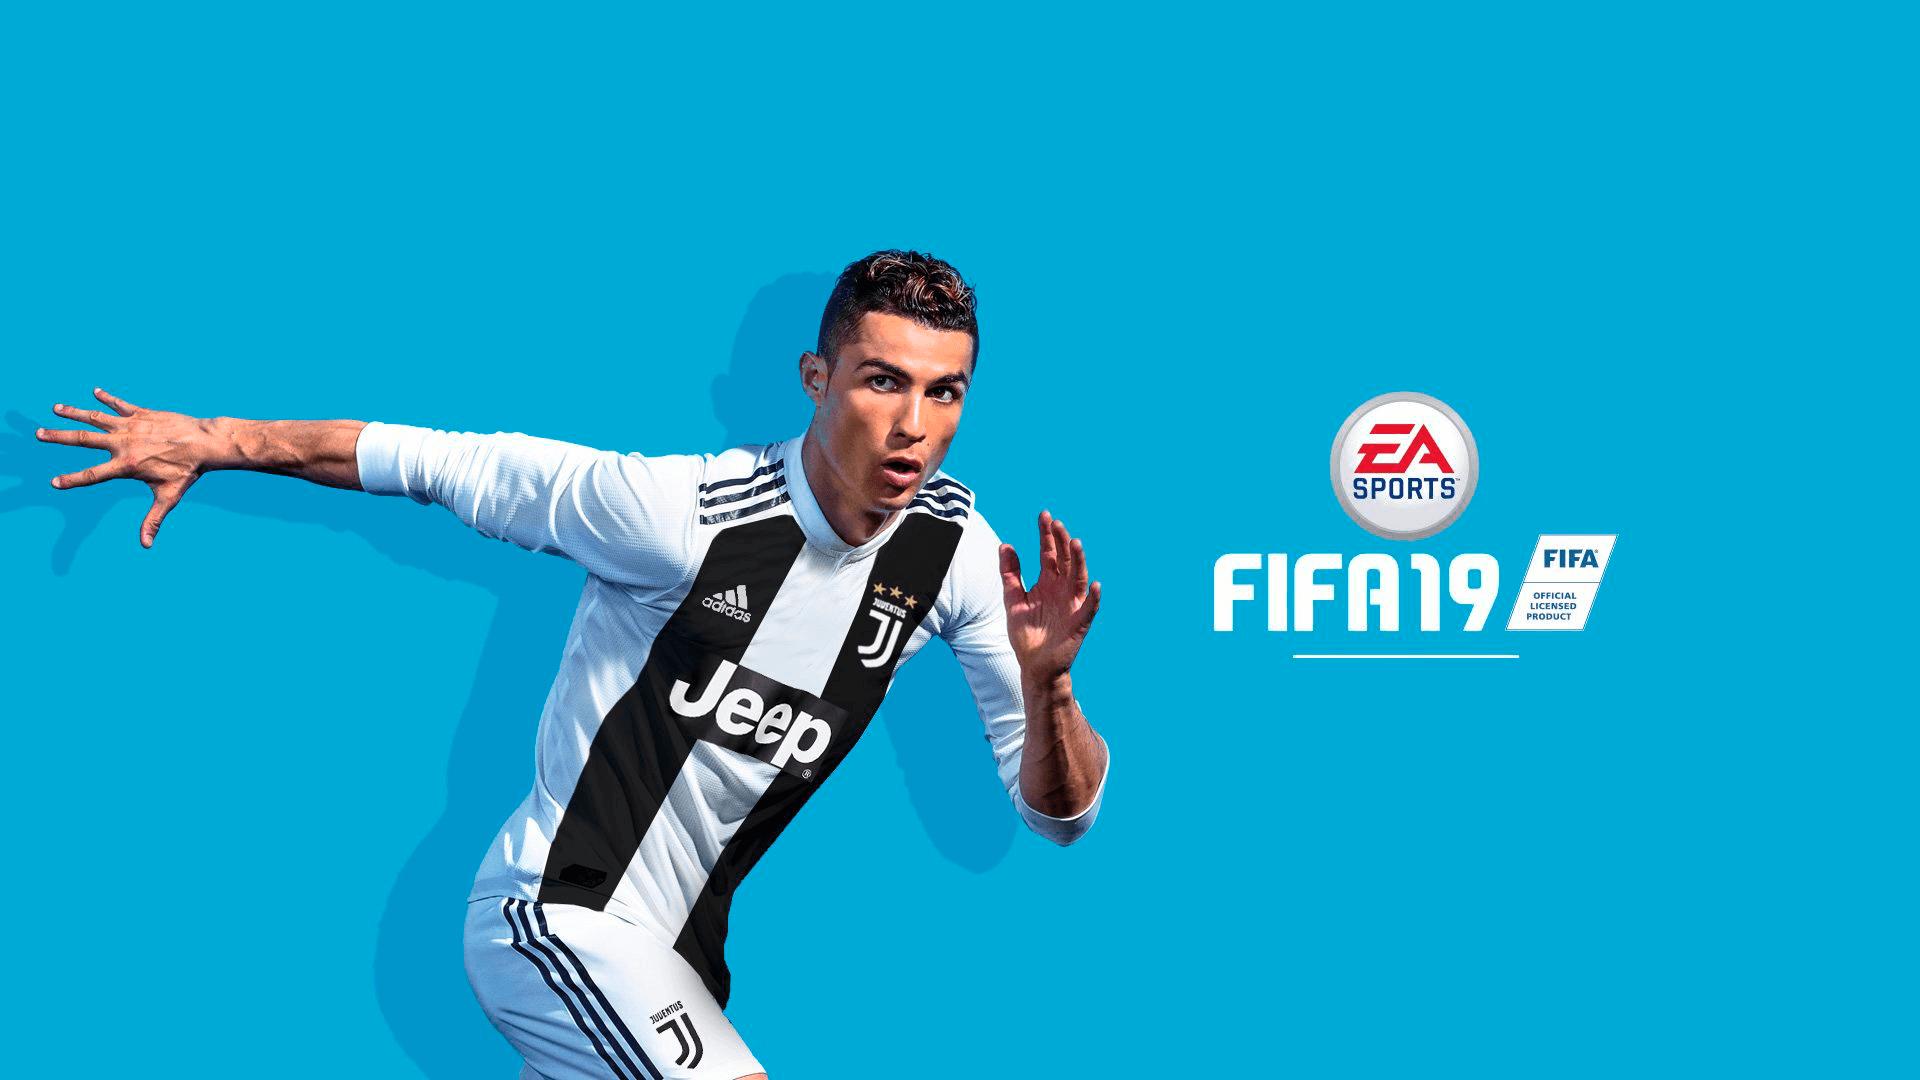 Agora Com A Camisa Da Juventus Cristiano Ronaldo Aparece Na Capa De FIFA 19